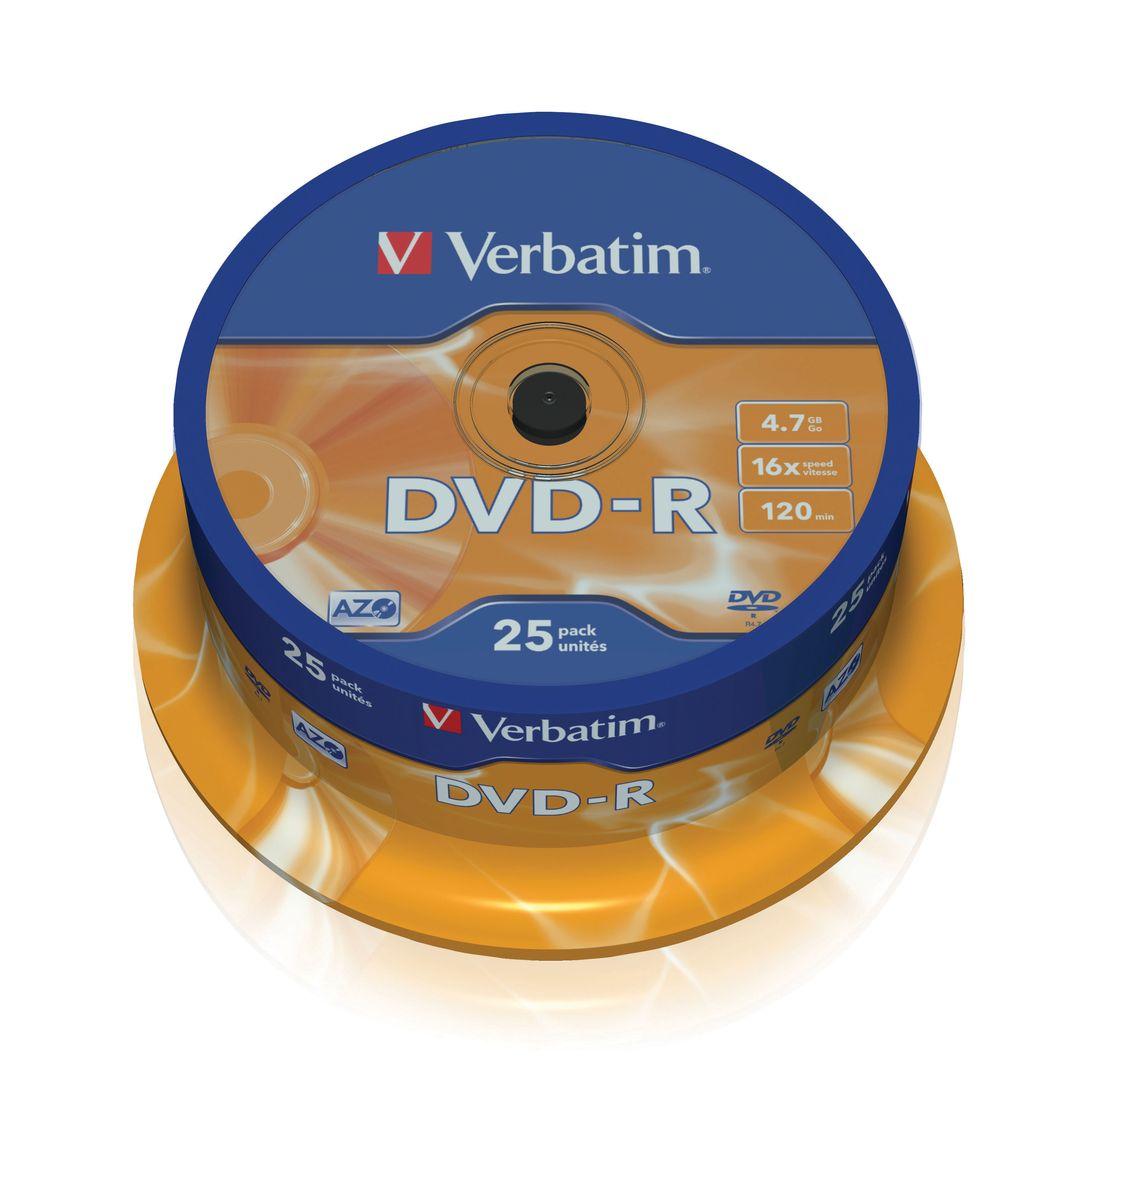 Verbatim DVD-R 4.7Gb 16x лазерный диск, 25 шт (Cake)43522В дисках Verbatim DVD-R 4.7Gb 16x используется технология MKM/Verbatim, обеспечивающая непревзойденное качество записи. Тесное сотрудничество отдела исследований и разработок компании Mitsubishi Chemical с производителями дисководов обеспечивает широкую совместимость дисков Verbatim, что делает их идеальными носителями для передачи компьютерных данных, домашних видеофильмов, фотографий и музыки. Тип упаковки: 25 Pack Spindle Поверхность: Matt Silver